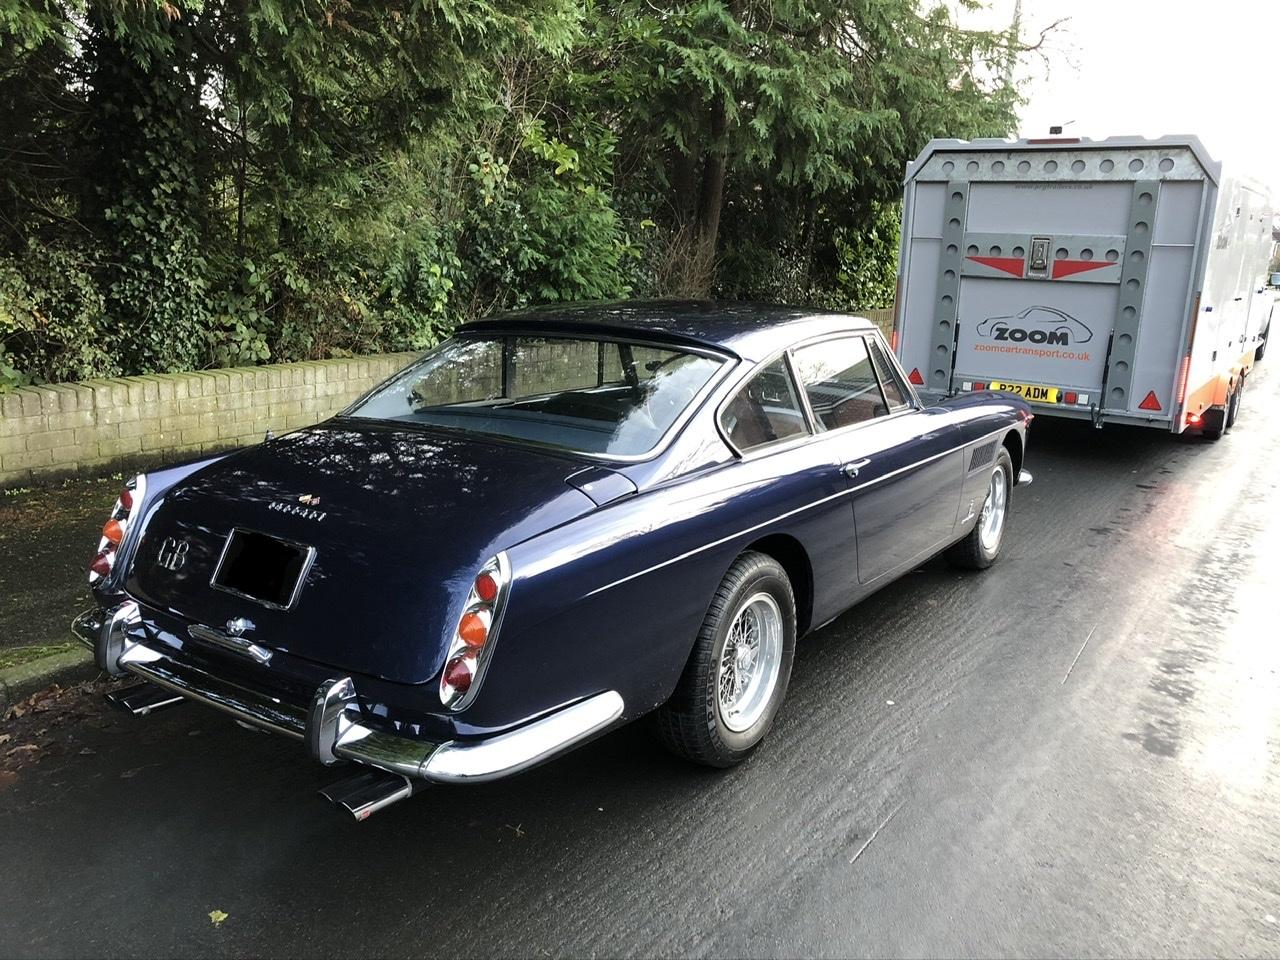 Classic Ferrari 250 GTE vehicle transport in enclosed trailer